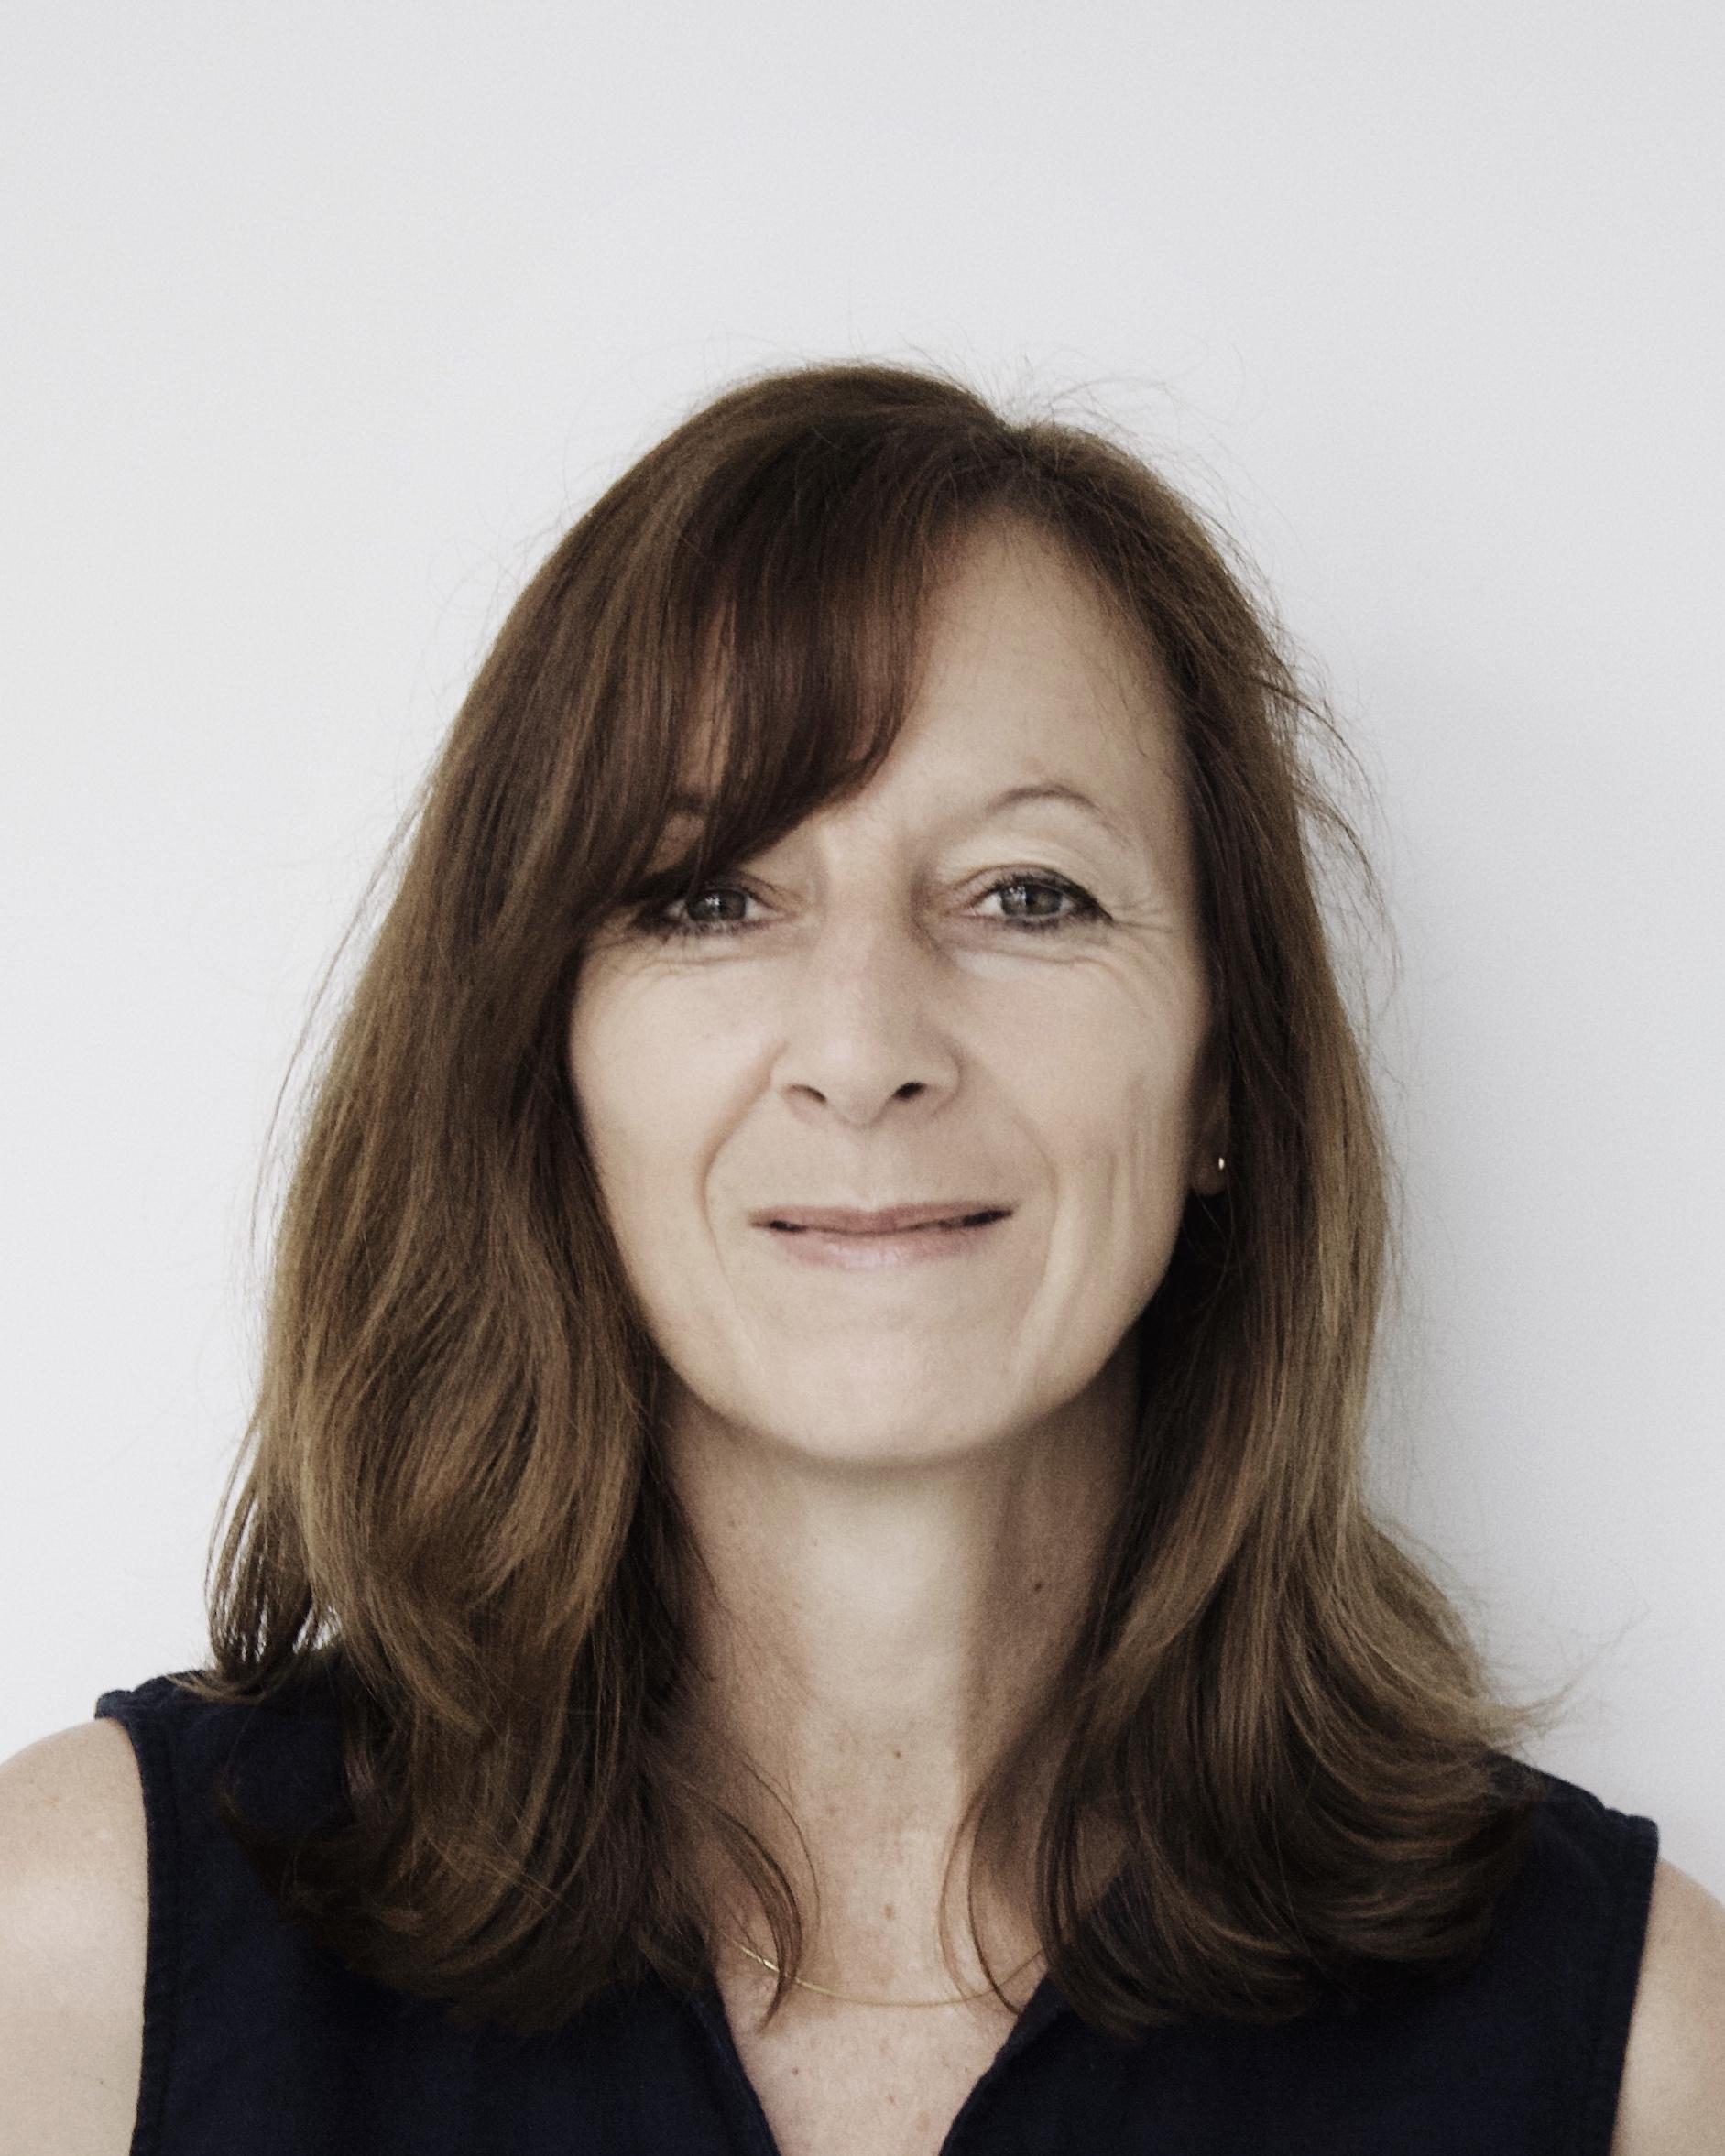 Marianne Thorburn